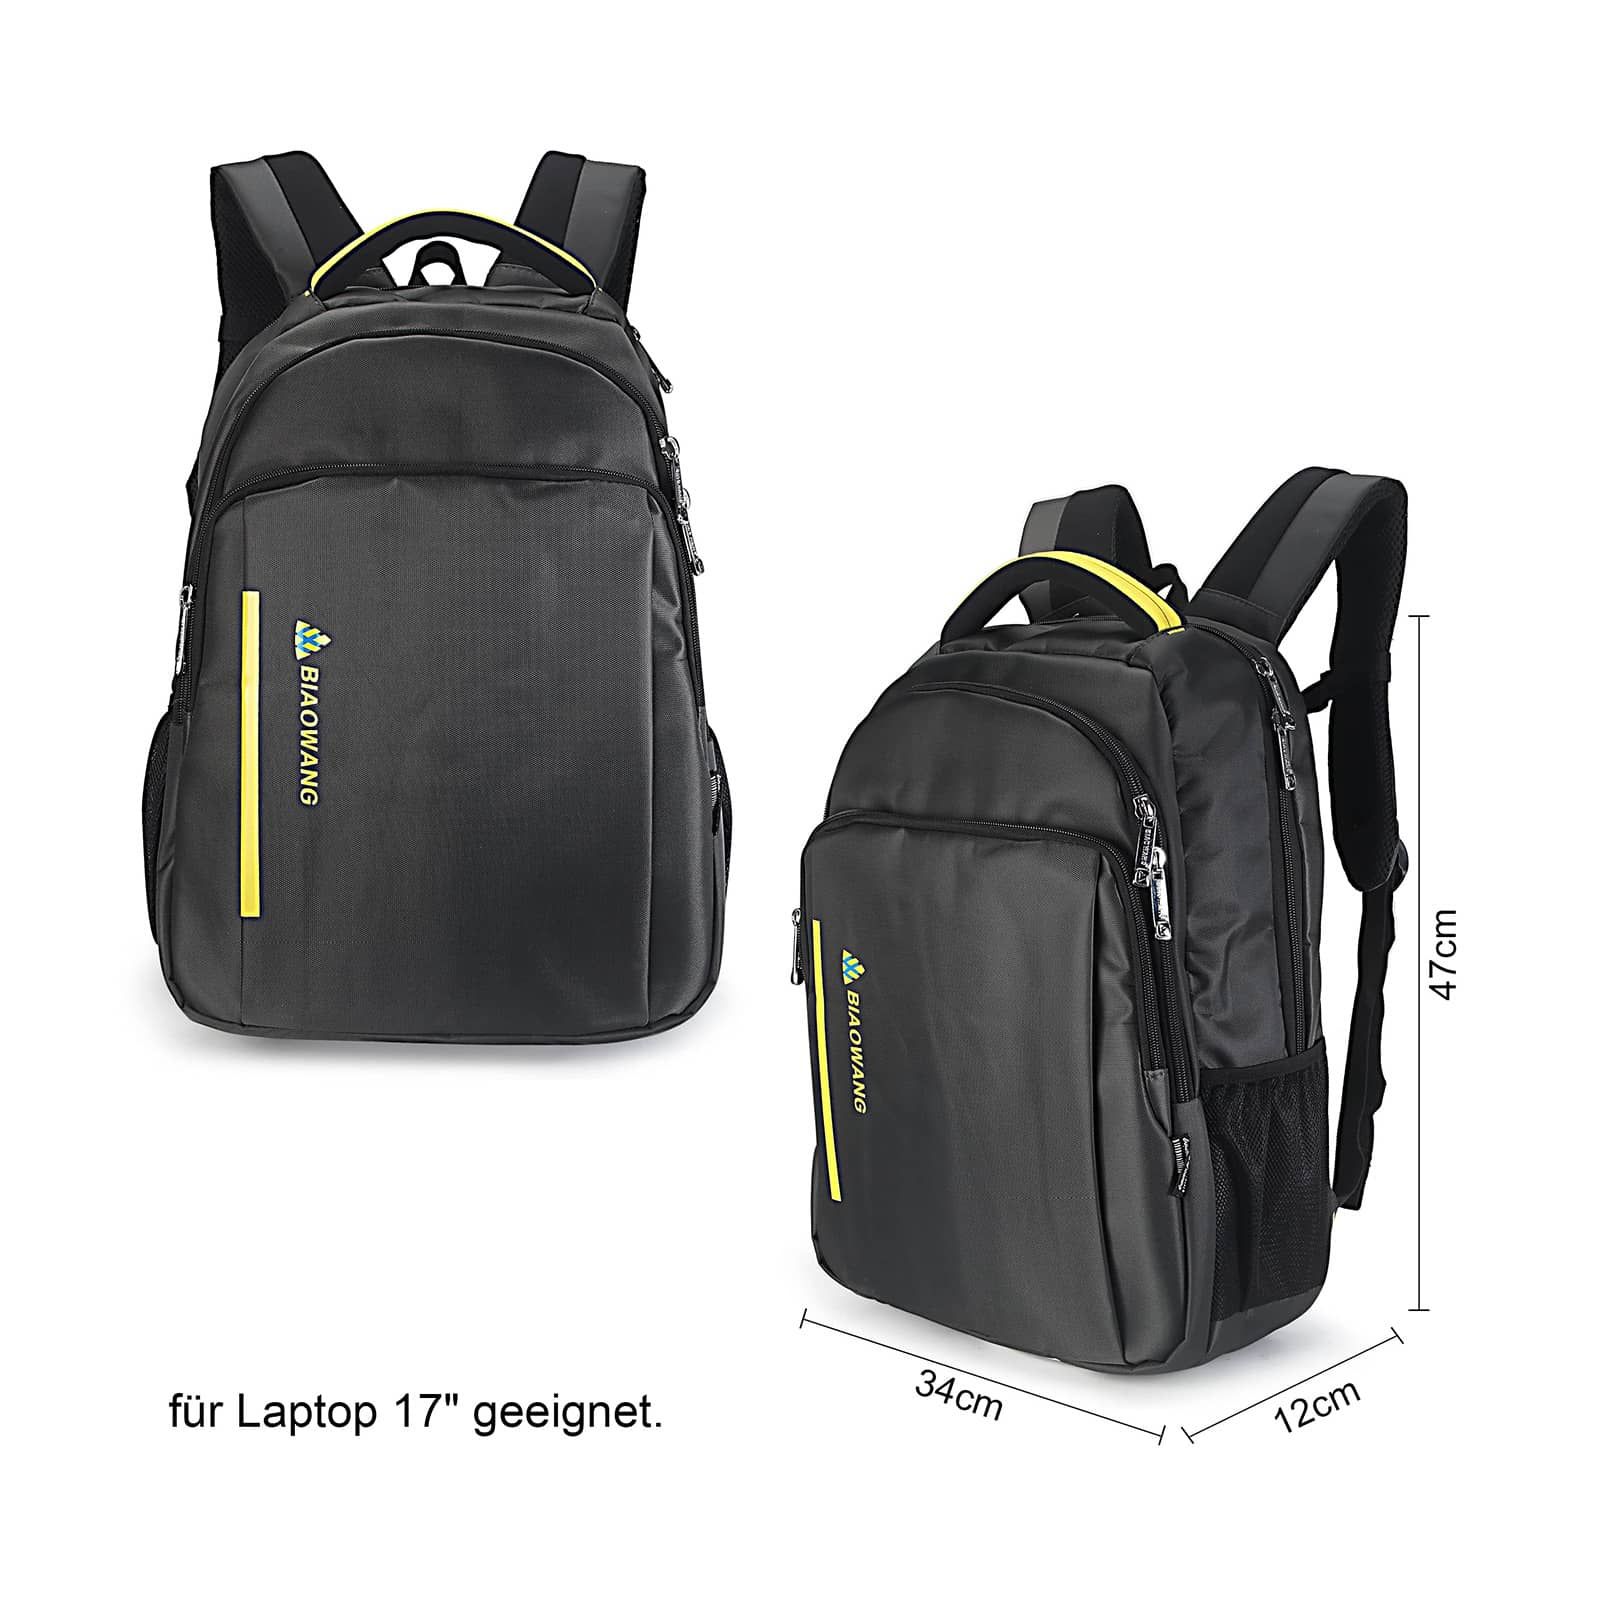 Reise Freizeit Schule Laptop Rucksack Sport Ranze Tasche 20L Groß Leicht Stabil